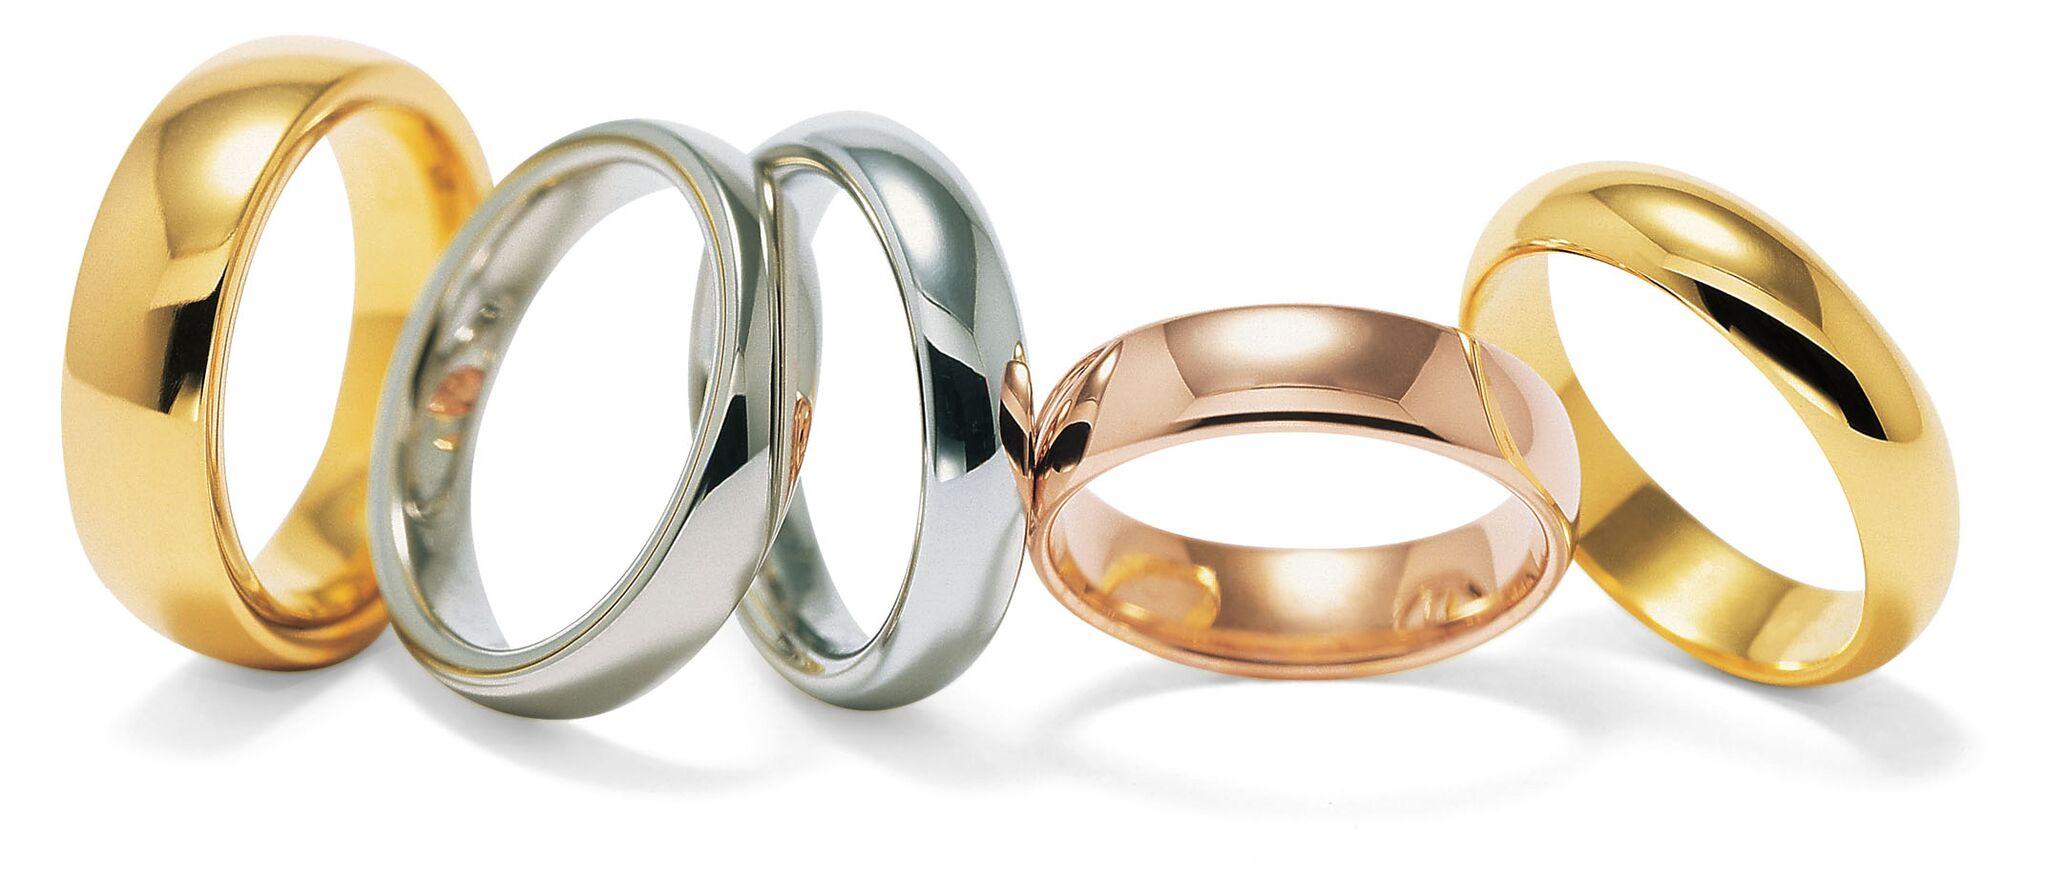 All our handmade wedding rings are avalible in platinum, gold, palladium & titanium -